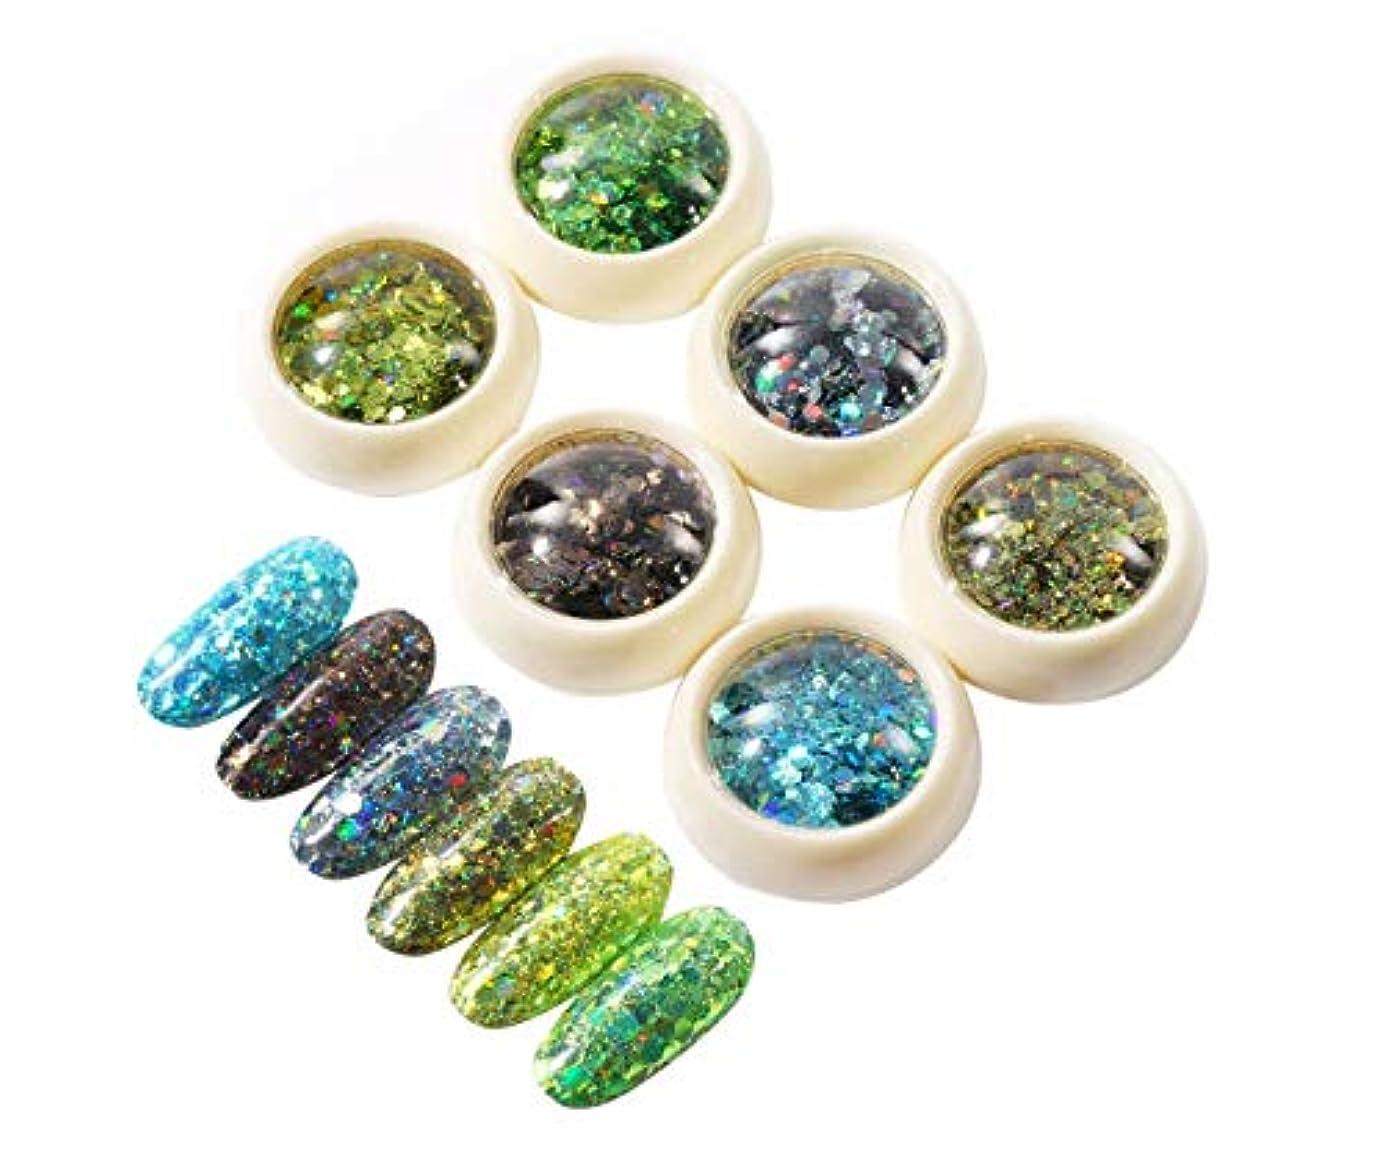 組み込むエンターテインメントニッケルTianmey 3Dネイルアート混合Glittertネイルパウダーネイルズ粉塵マニキュアネイルアートの装飾チャームアクセサリーを輝きます (Color : Diamond Green Series)